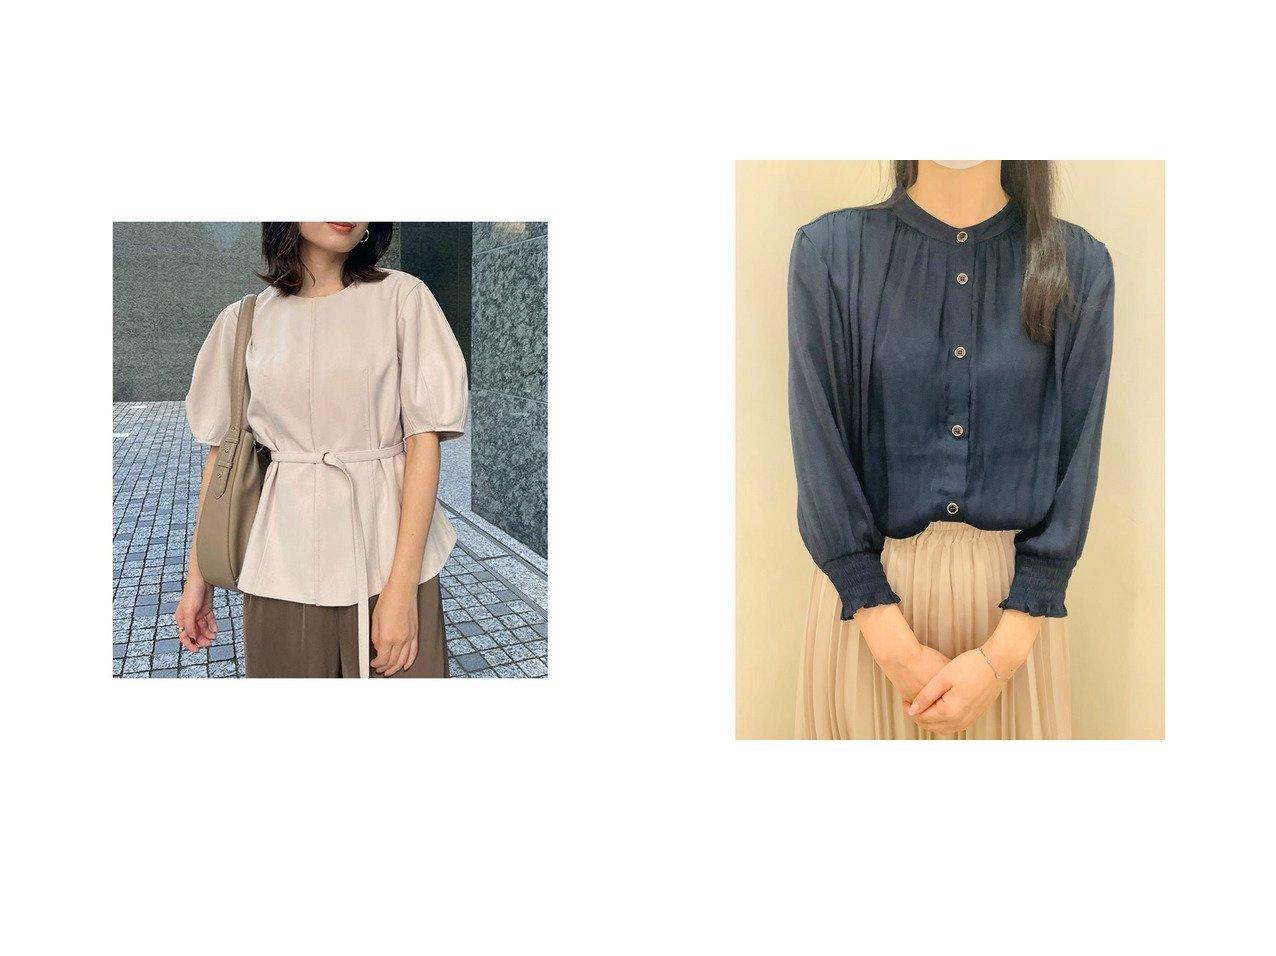 【TOKYO SHIRTS/トーキョーシャツ】のハンドカラー 七分袖 ビンテージサテンブラウス&【anuans/アニュアンス】のステッチデザインブラウス おすすめ!人気、トレンド・レディースファッションの通販 おすすめで人気の流行・トレンド、ファッションの通販商品 インテリア・家具・メンズファッション・キッズファッション・レディースファッション・服の通販 founy(ファニー) https://founy.com/ ファッション Fashion レディースファッション WOMEN トップス・カットソー Tops/Tshirt シャツ/ブラウス Shirts/Blouses おすすめ Recommend エレガント 洗える ギャザー ハンド ベーシック A/W・秋冬 AW・Autumn/Winter・FW・Fall-Winter 2021年 2021 2021-2022秋冬・A/W AW・Autumn/Winter・FW・Fall-Winter・2021-2022  ID:crp329100000071015